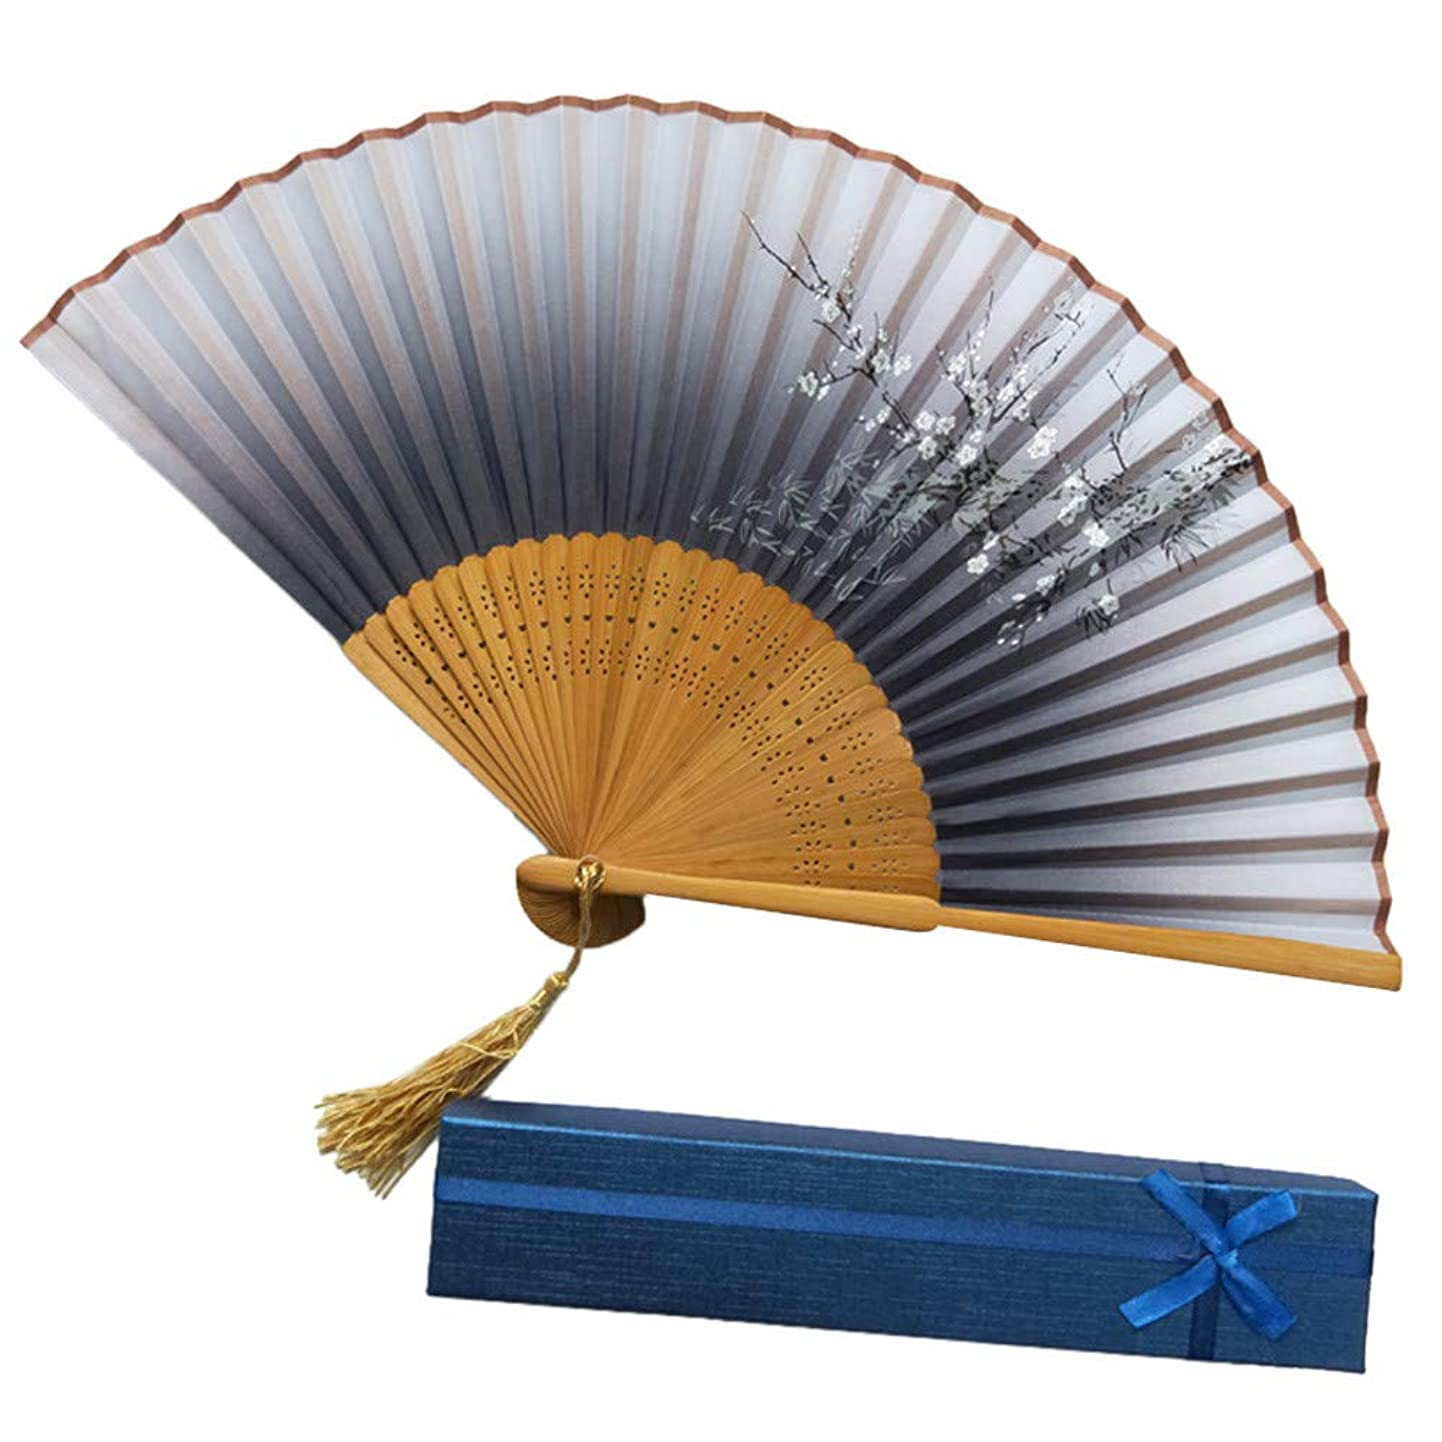 発症週間広がりユニセックス扇子 、高級 折りたたみ式 竹製工芸品扇おしゃれ 和装小物浴衣上品 花火大会 着物 装飾 華やか 歌舞伎小物道具扇子 (K)